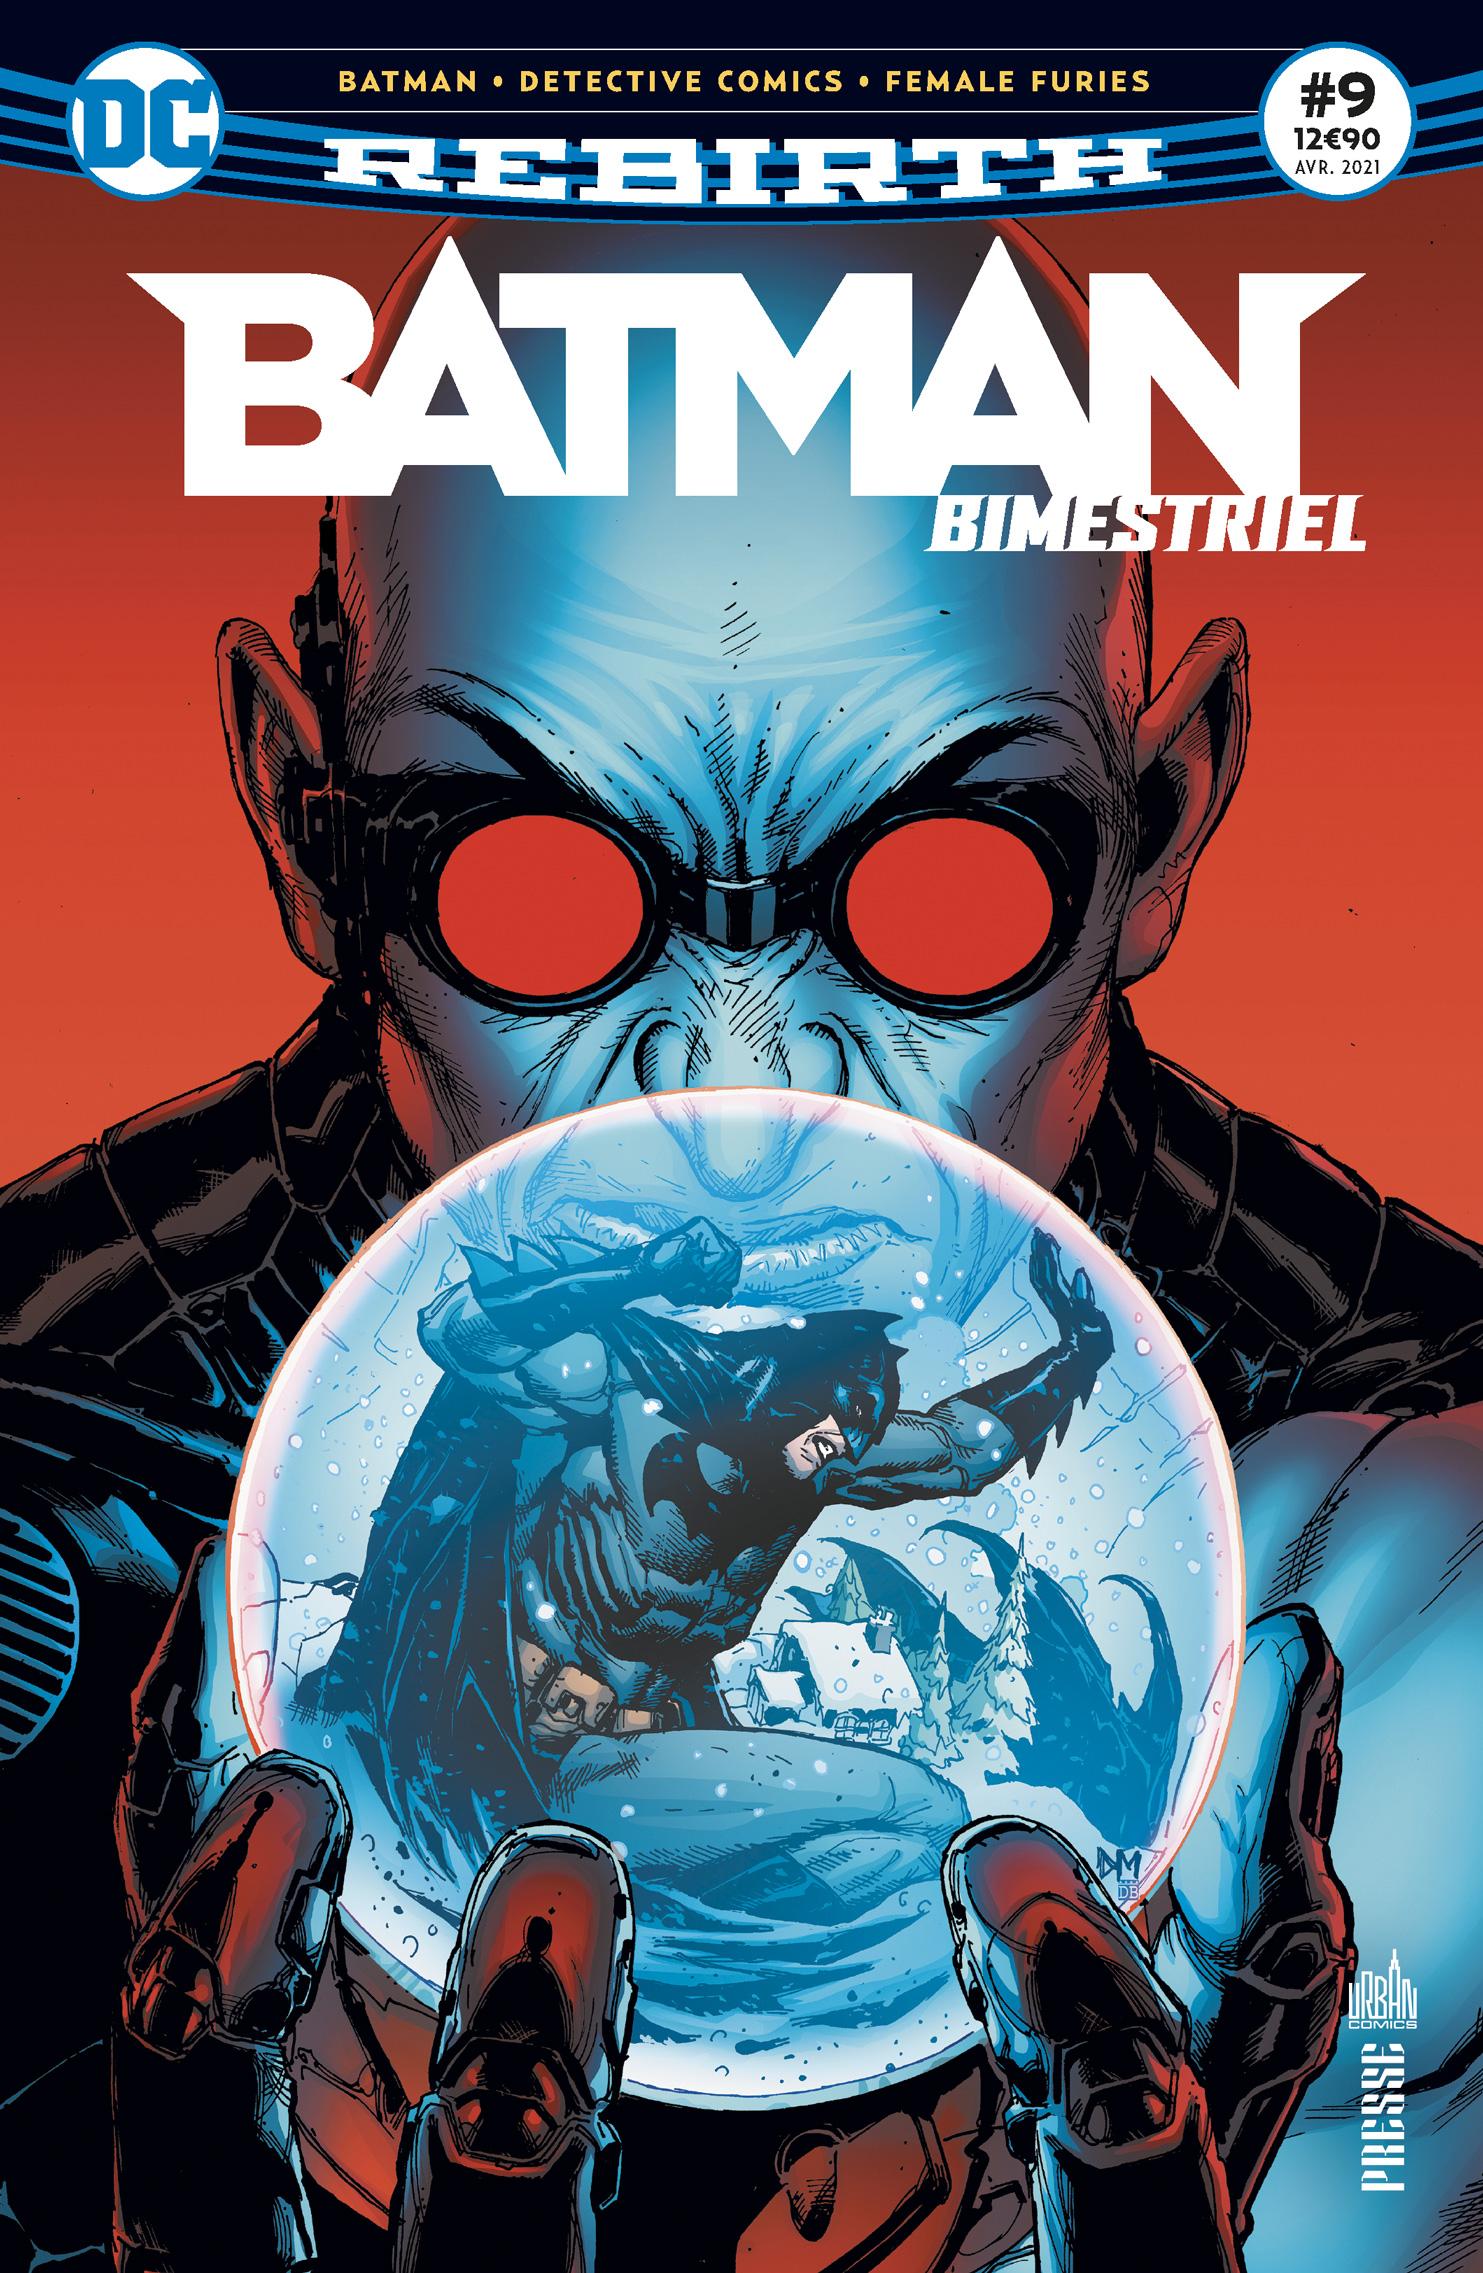 Batman bimestriel 9